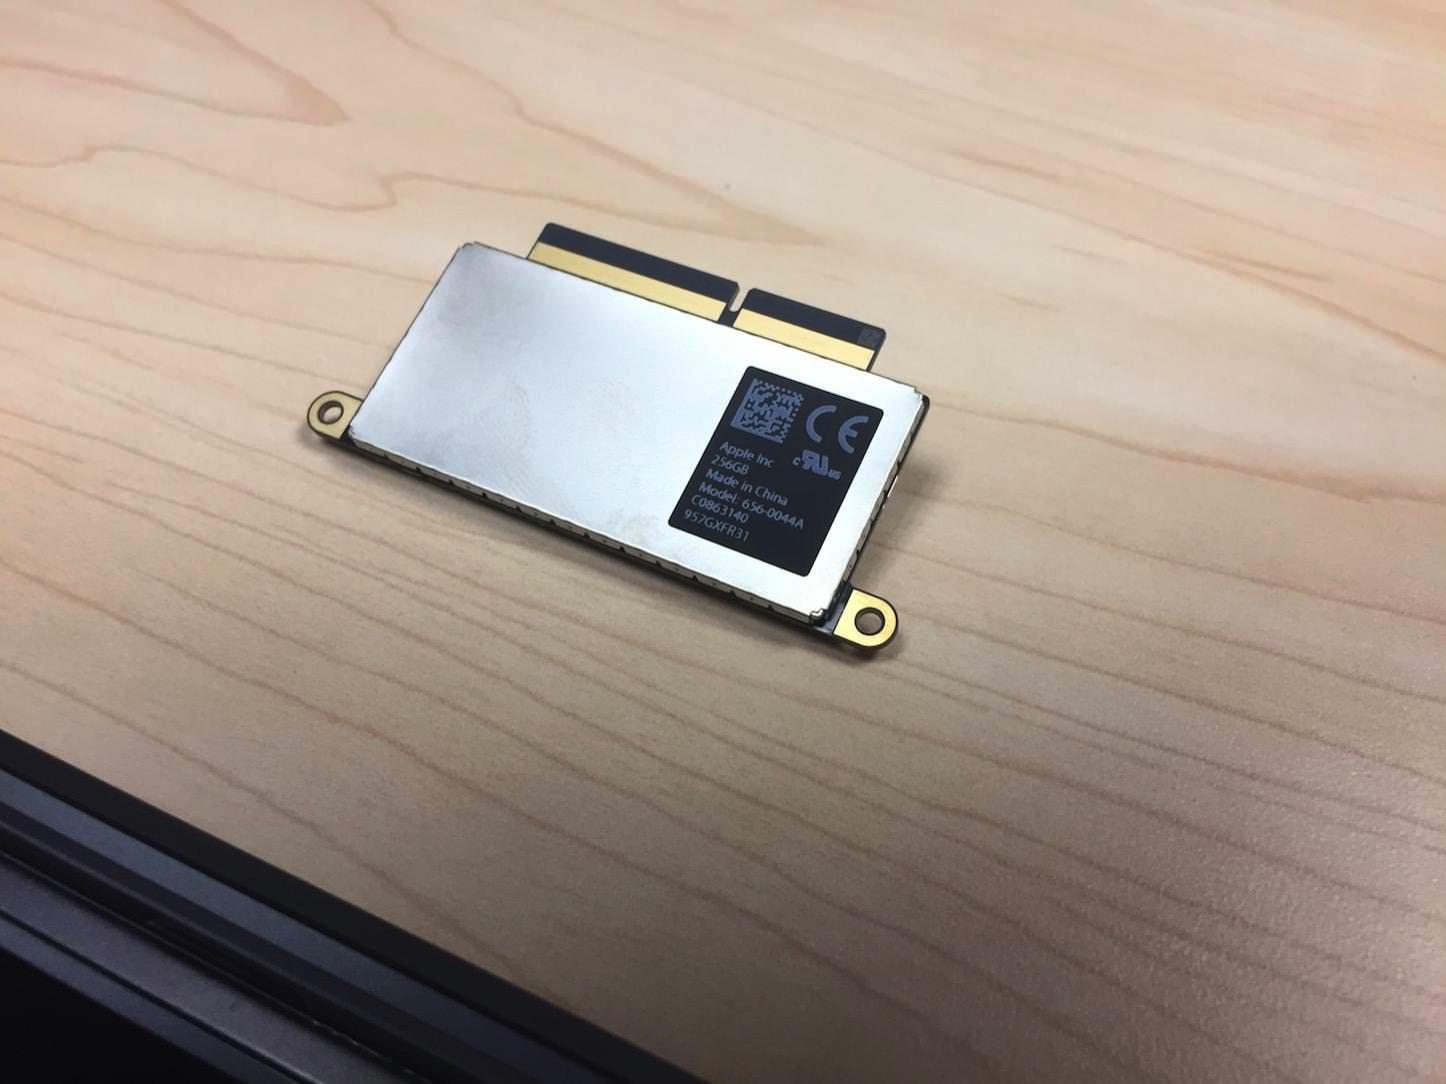 MBP2016-SSD.JPG